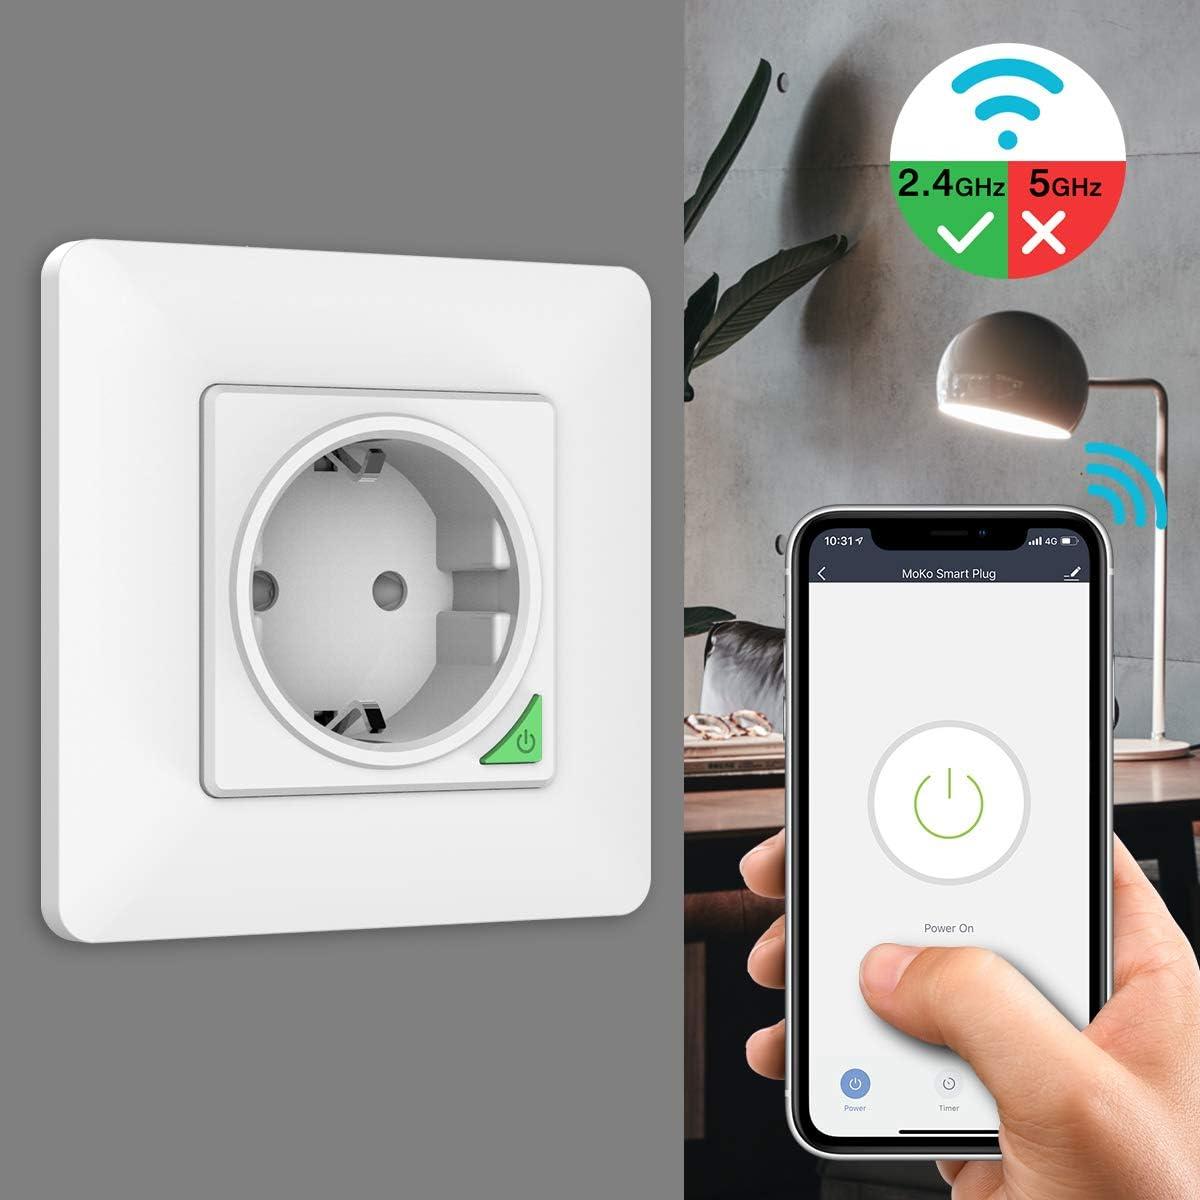 1 PACK Prise Murale Int/égr/ée Intelligente WIFI Compatible avec Alexa//Google Home//Siri Raccourcis Commande Vocale T/él/écommande APP 16A MoKo WiFi Smart Prise Intelligente WiFi